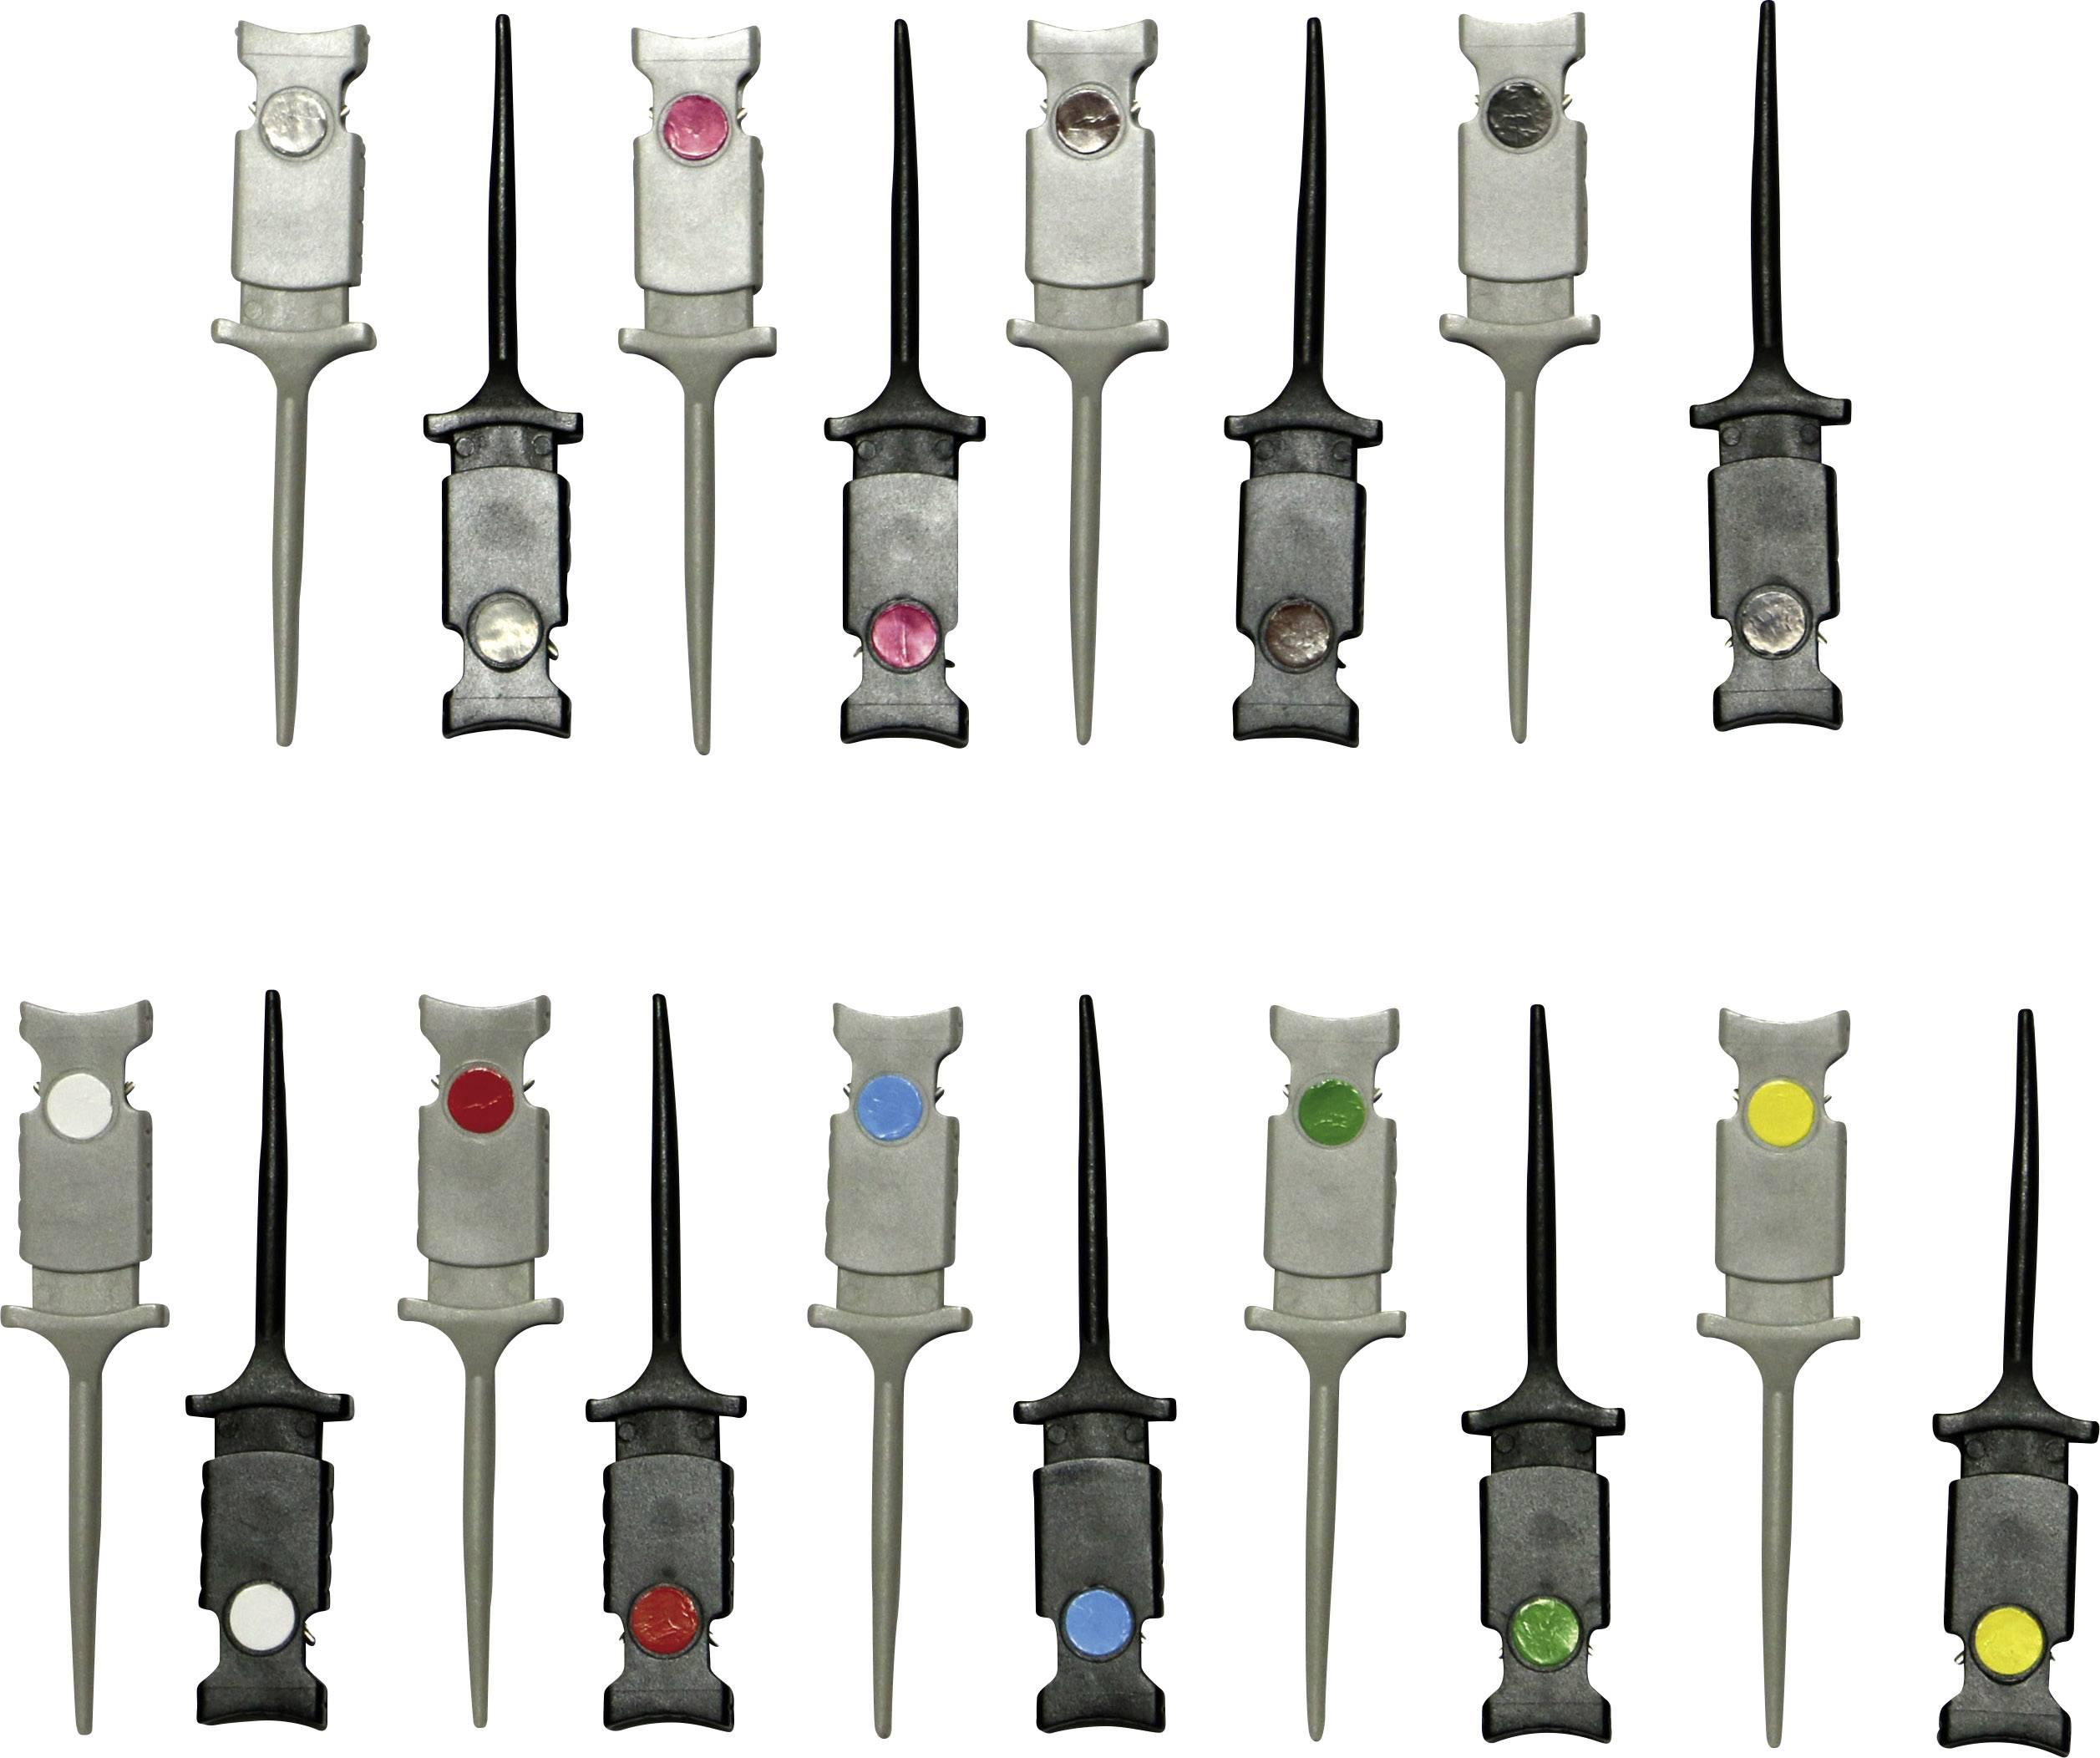 Sada měřicích háčků Voltcraft, Ø 0.64 mm, 18 ks různé barvy